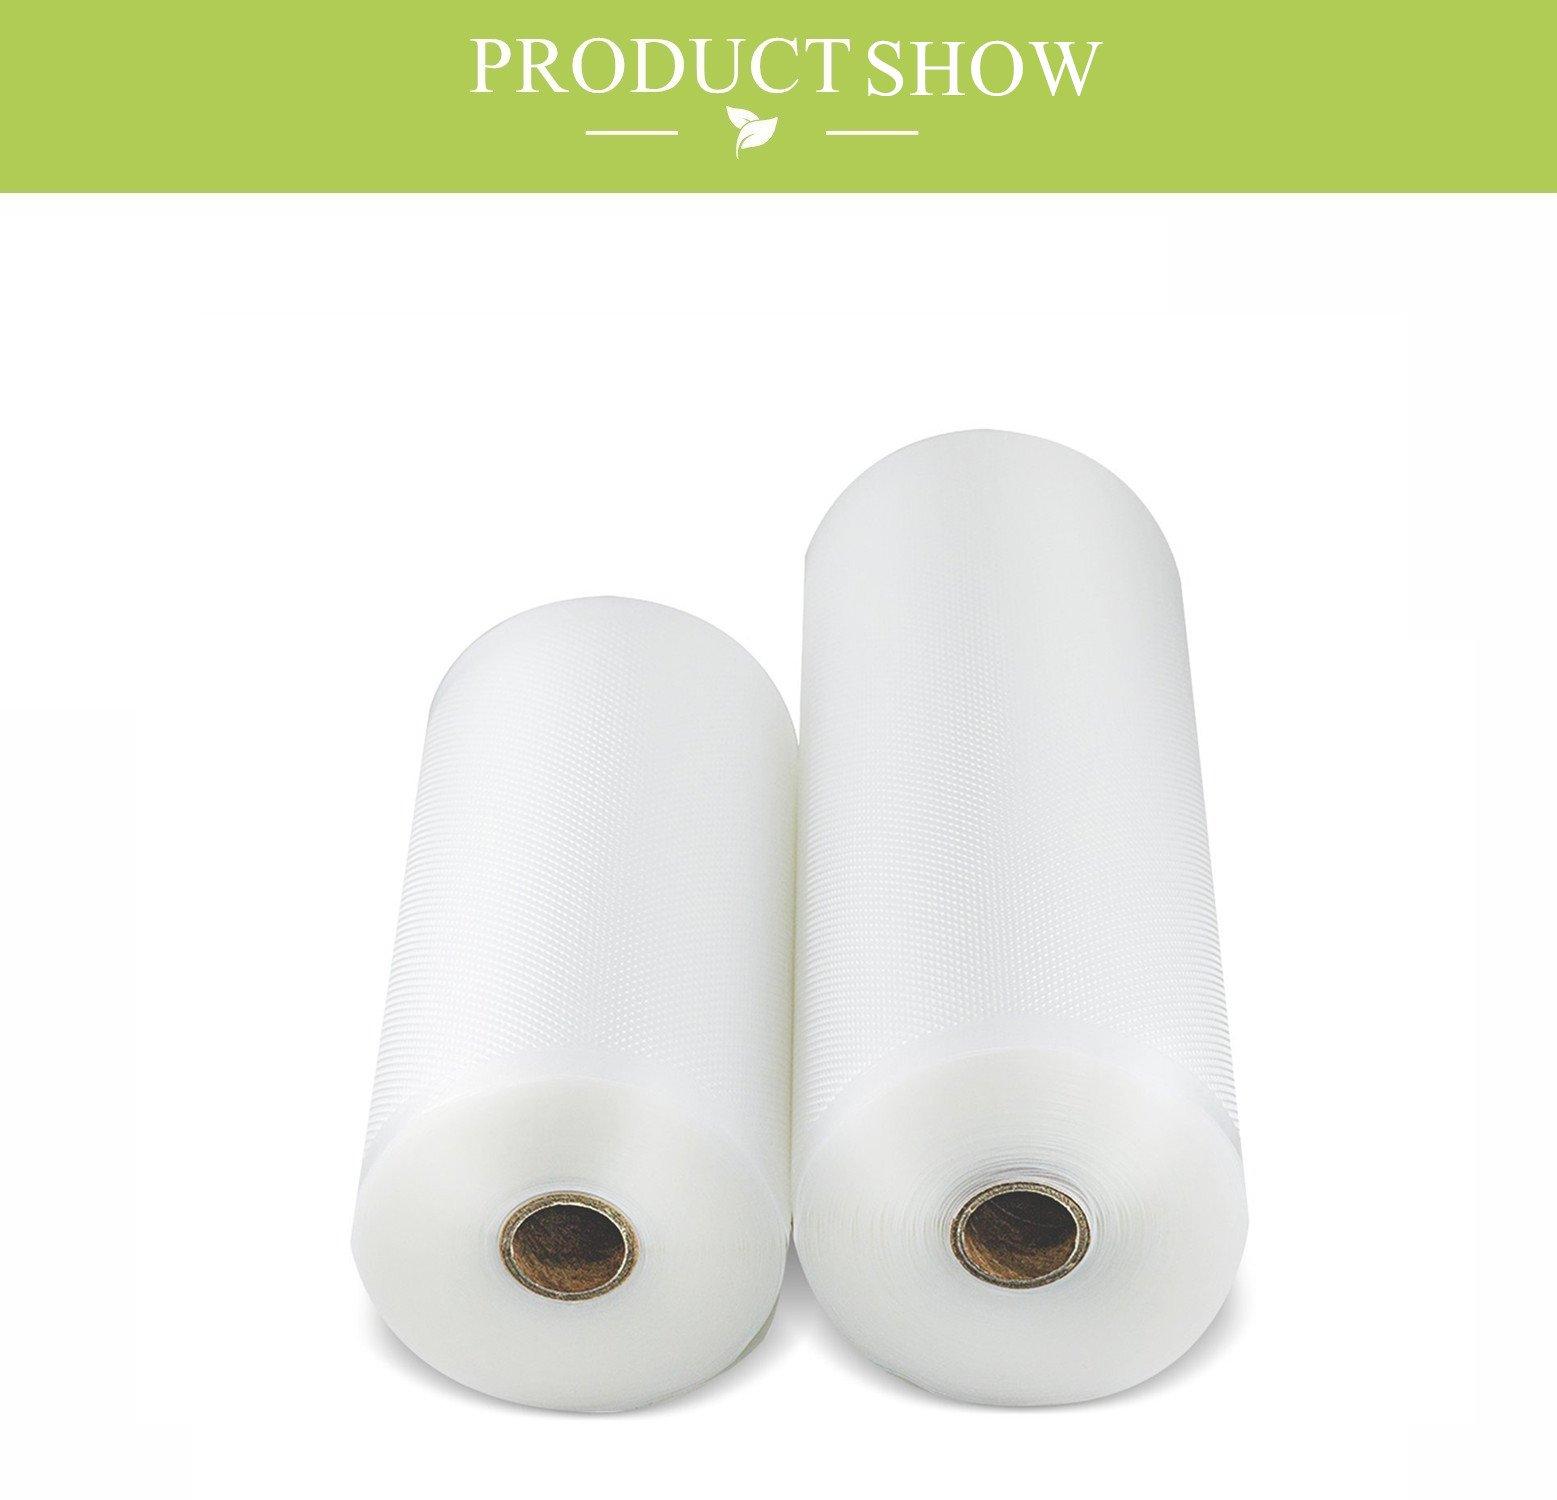 Bolsas de envasado al vacío, Padi Home Rollos de envasar al vacio, Pack de rollos de bolsas para envasadoras al vacío, 1 Roll 20x500 y 1 Roll 25x500cm, libre de BPA, Aprobado por la FDA